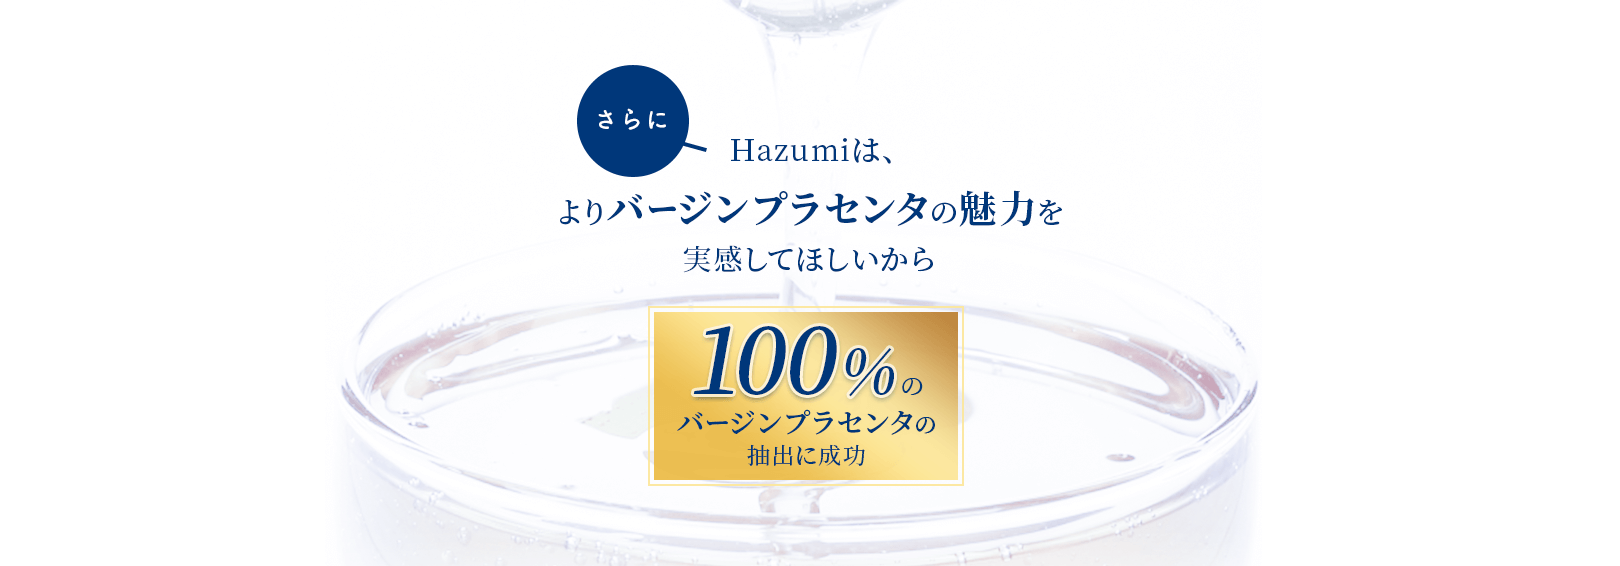 さらにHazumiは、よりバージンプラセンタの魅力を実感してほしいから、100%のバージンプラセンタの抽出に成功。